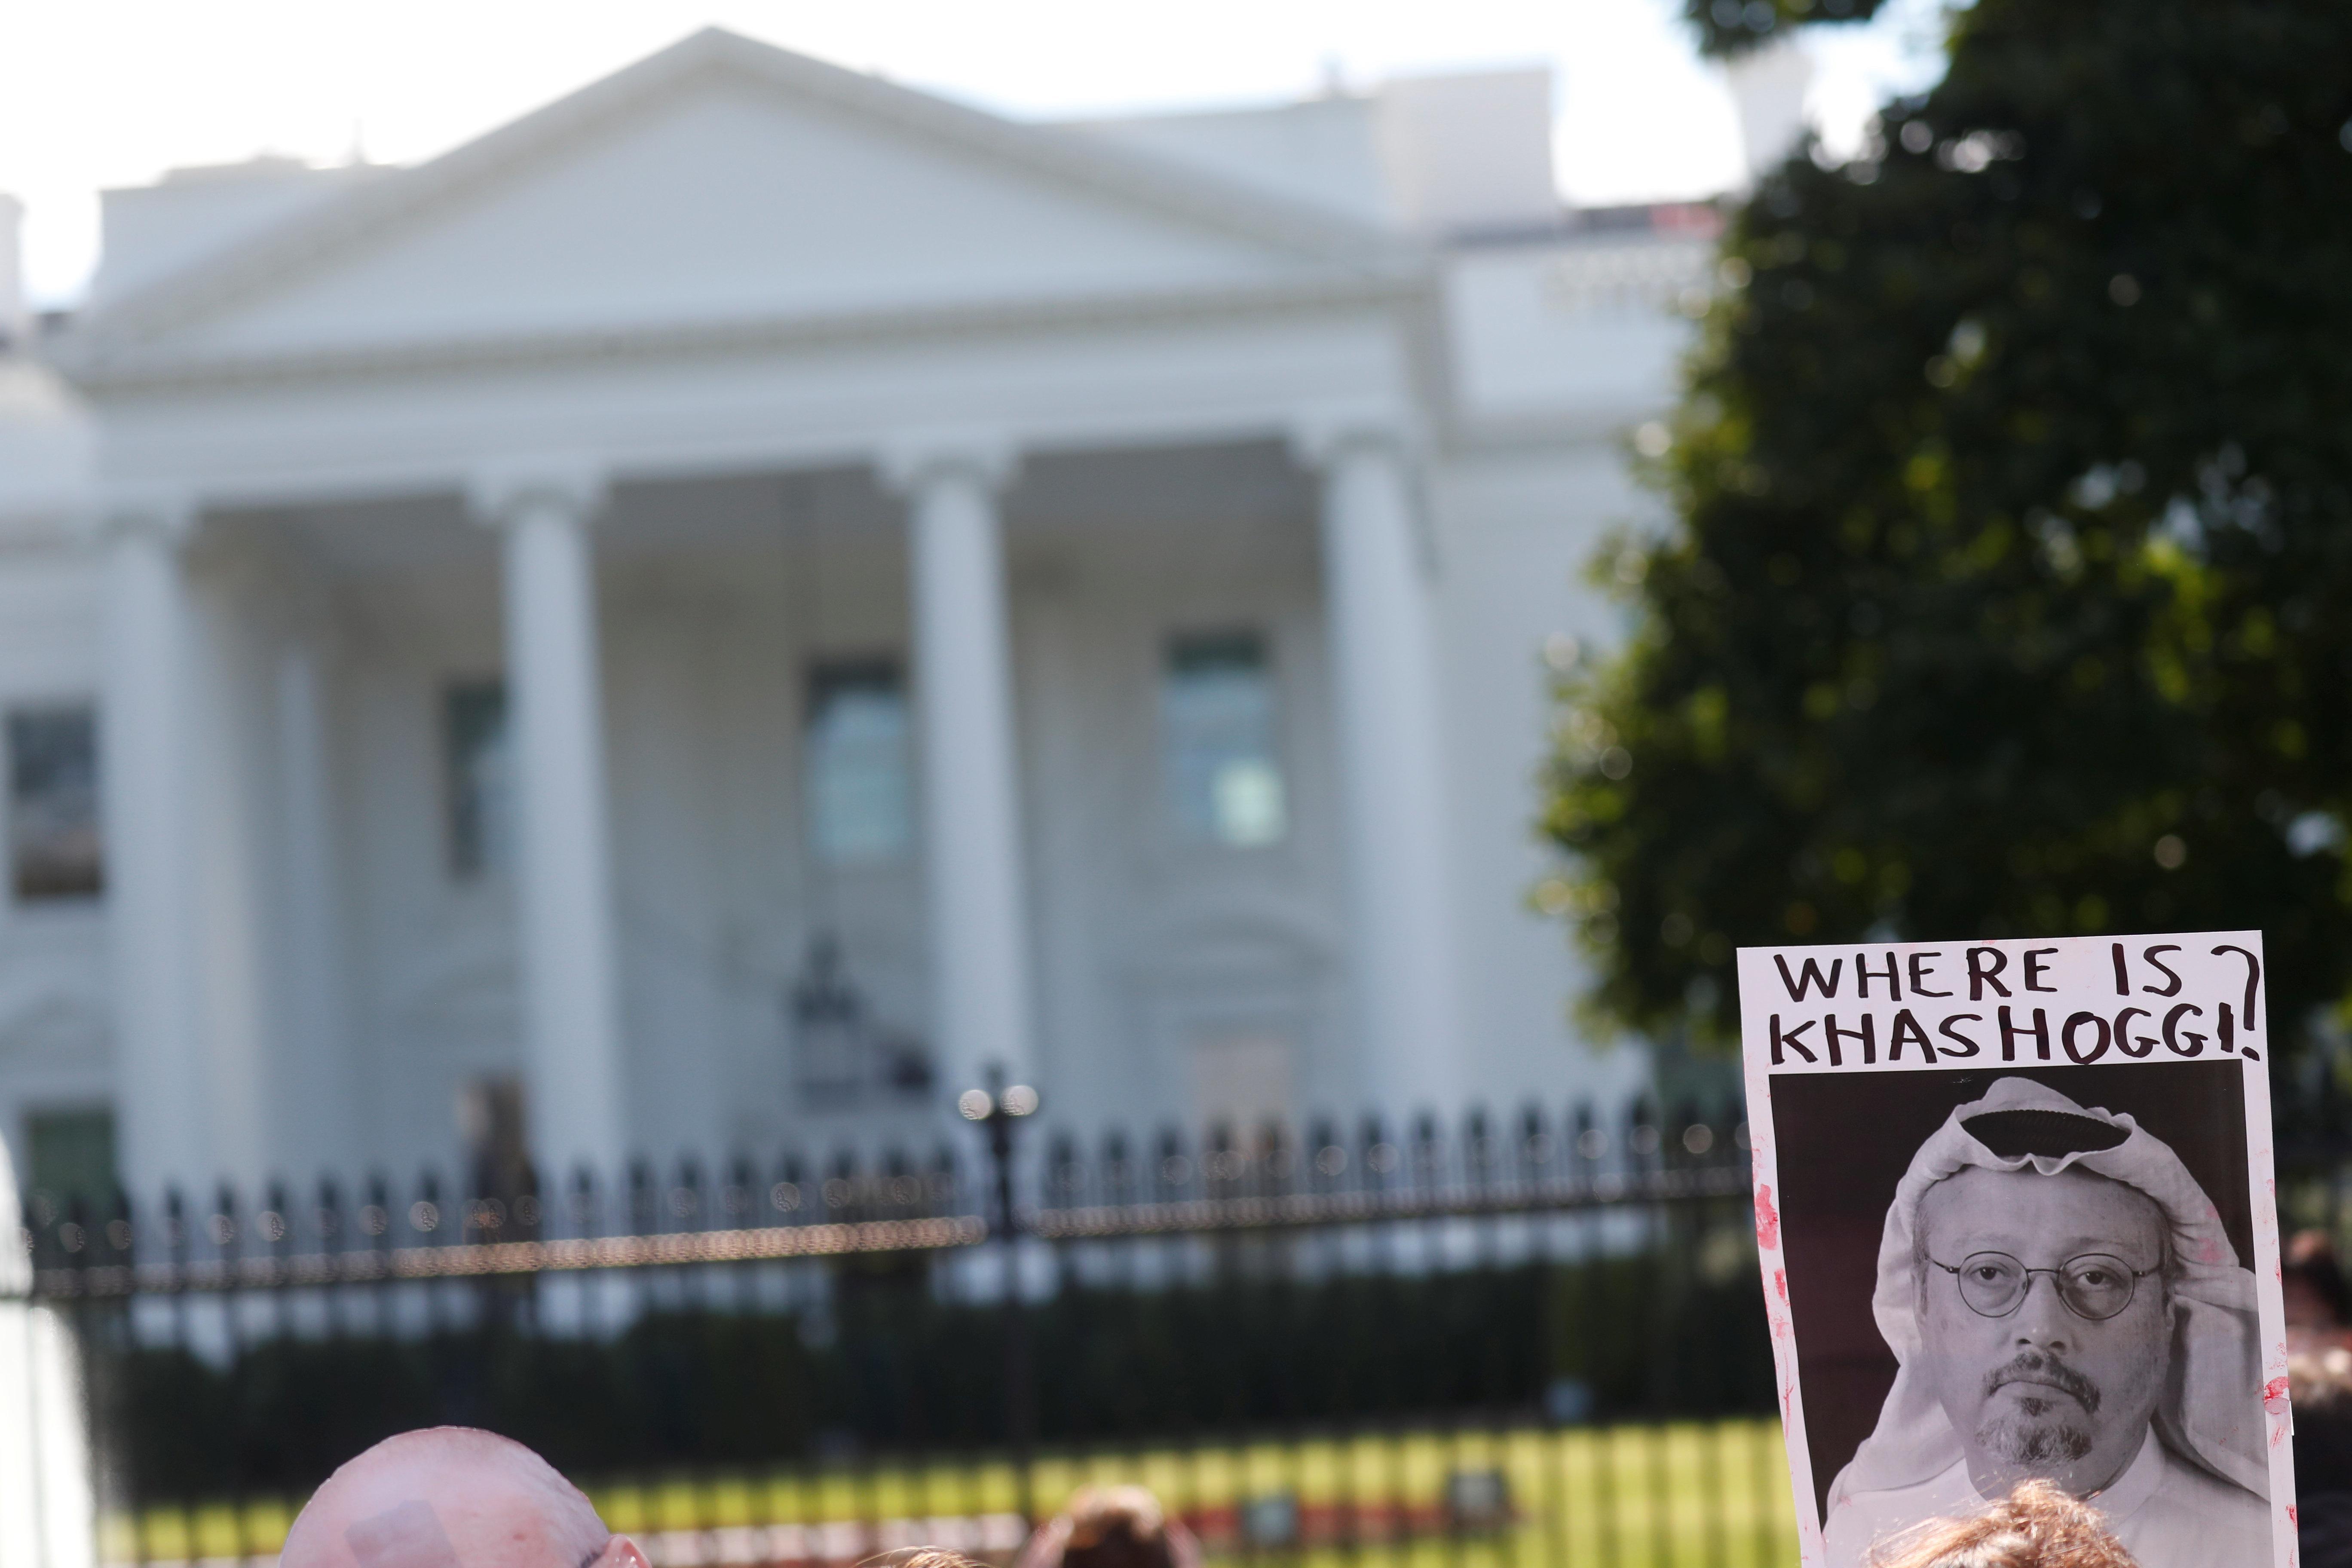 Αμήχανες οι ΗΠΑ για τη δολοφονία Κασόγκι ενώ Γερμανία και Καναδάς πιέζουν τη Σ.Αραβία με την πώληση